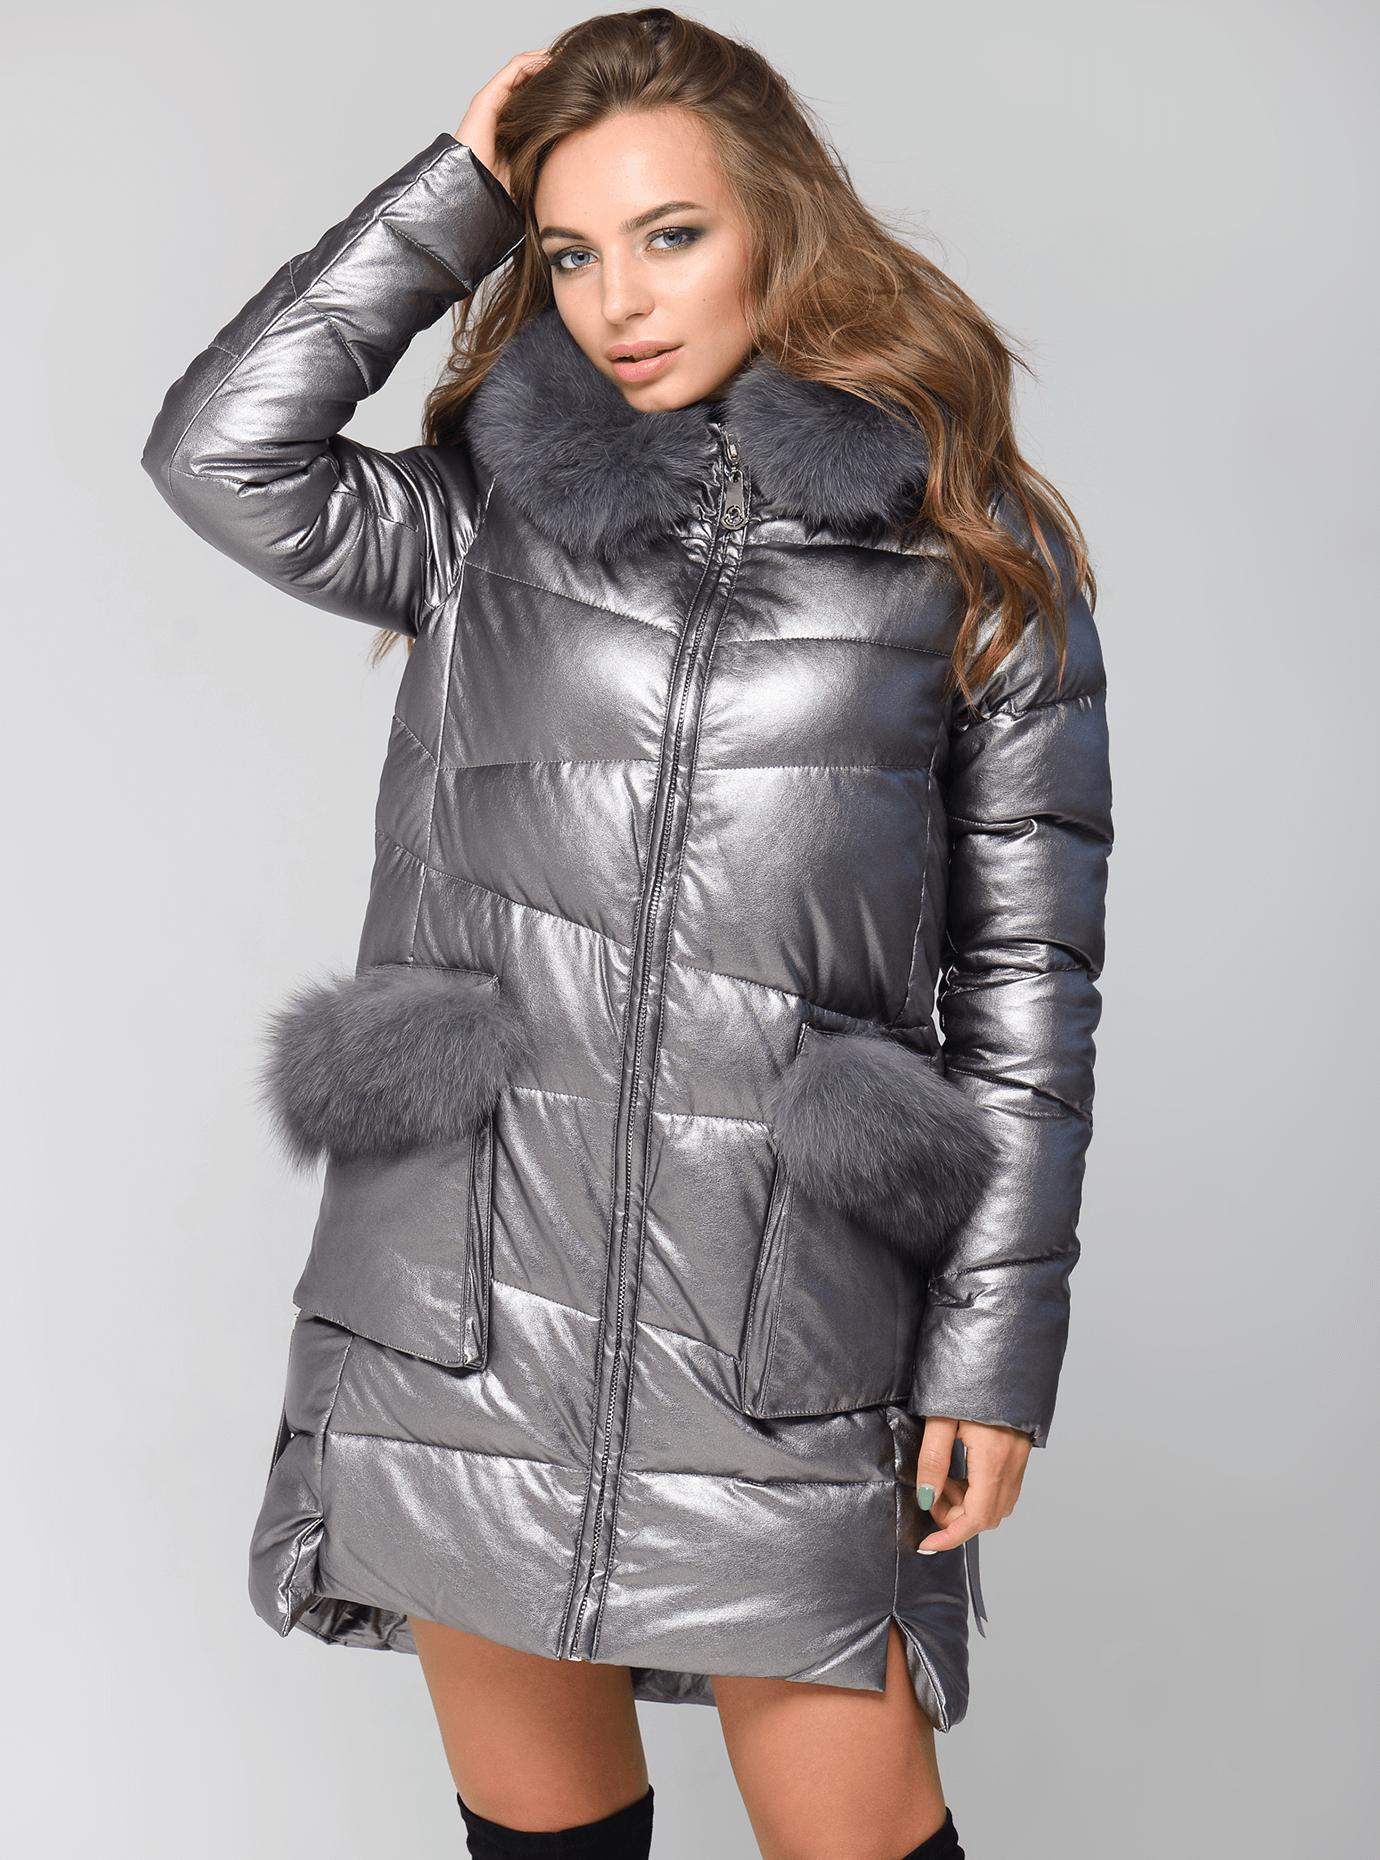 Куртка зимняя длинная с меховой отделкой из песца Серебряный S (05-ZL2578): фото - Alster.ua